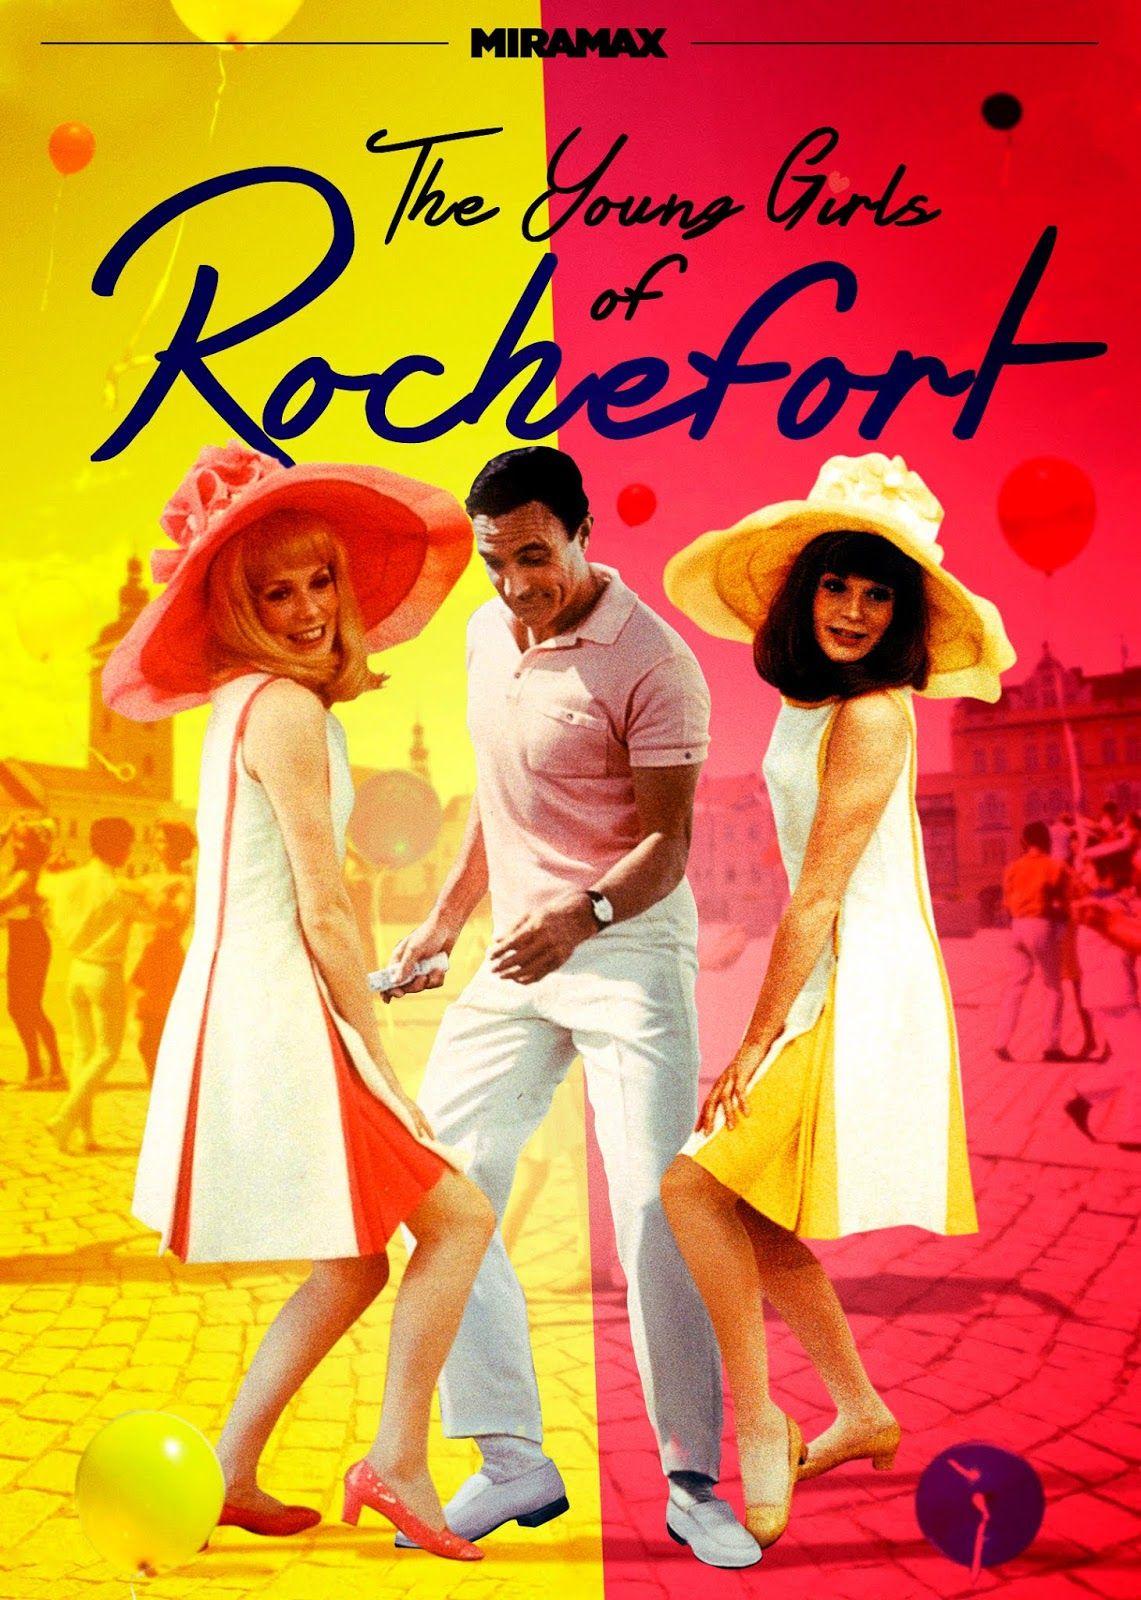 SEX ESCORT Rochefort